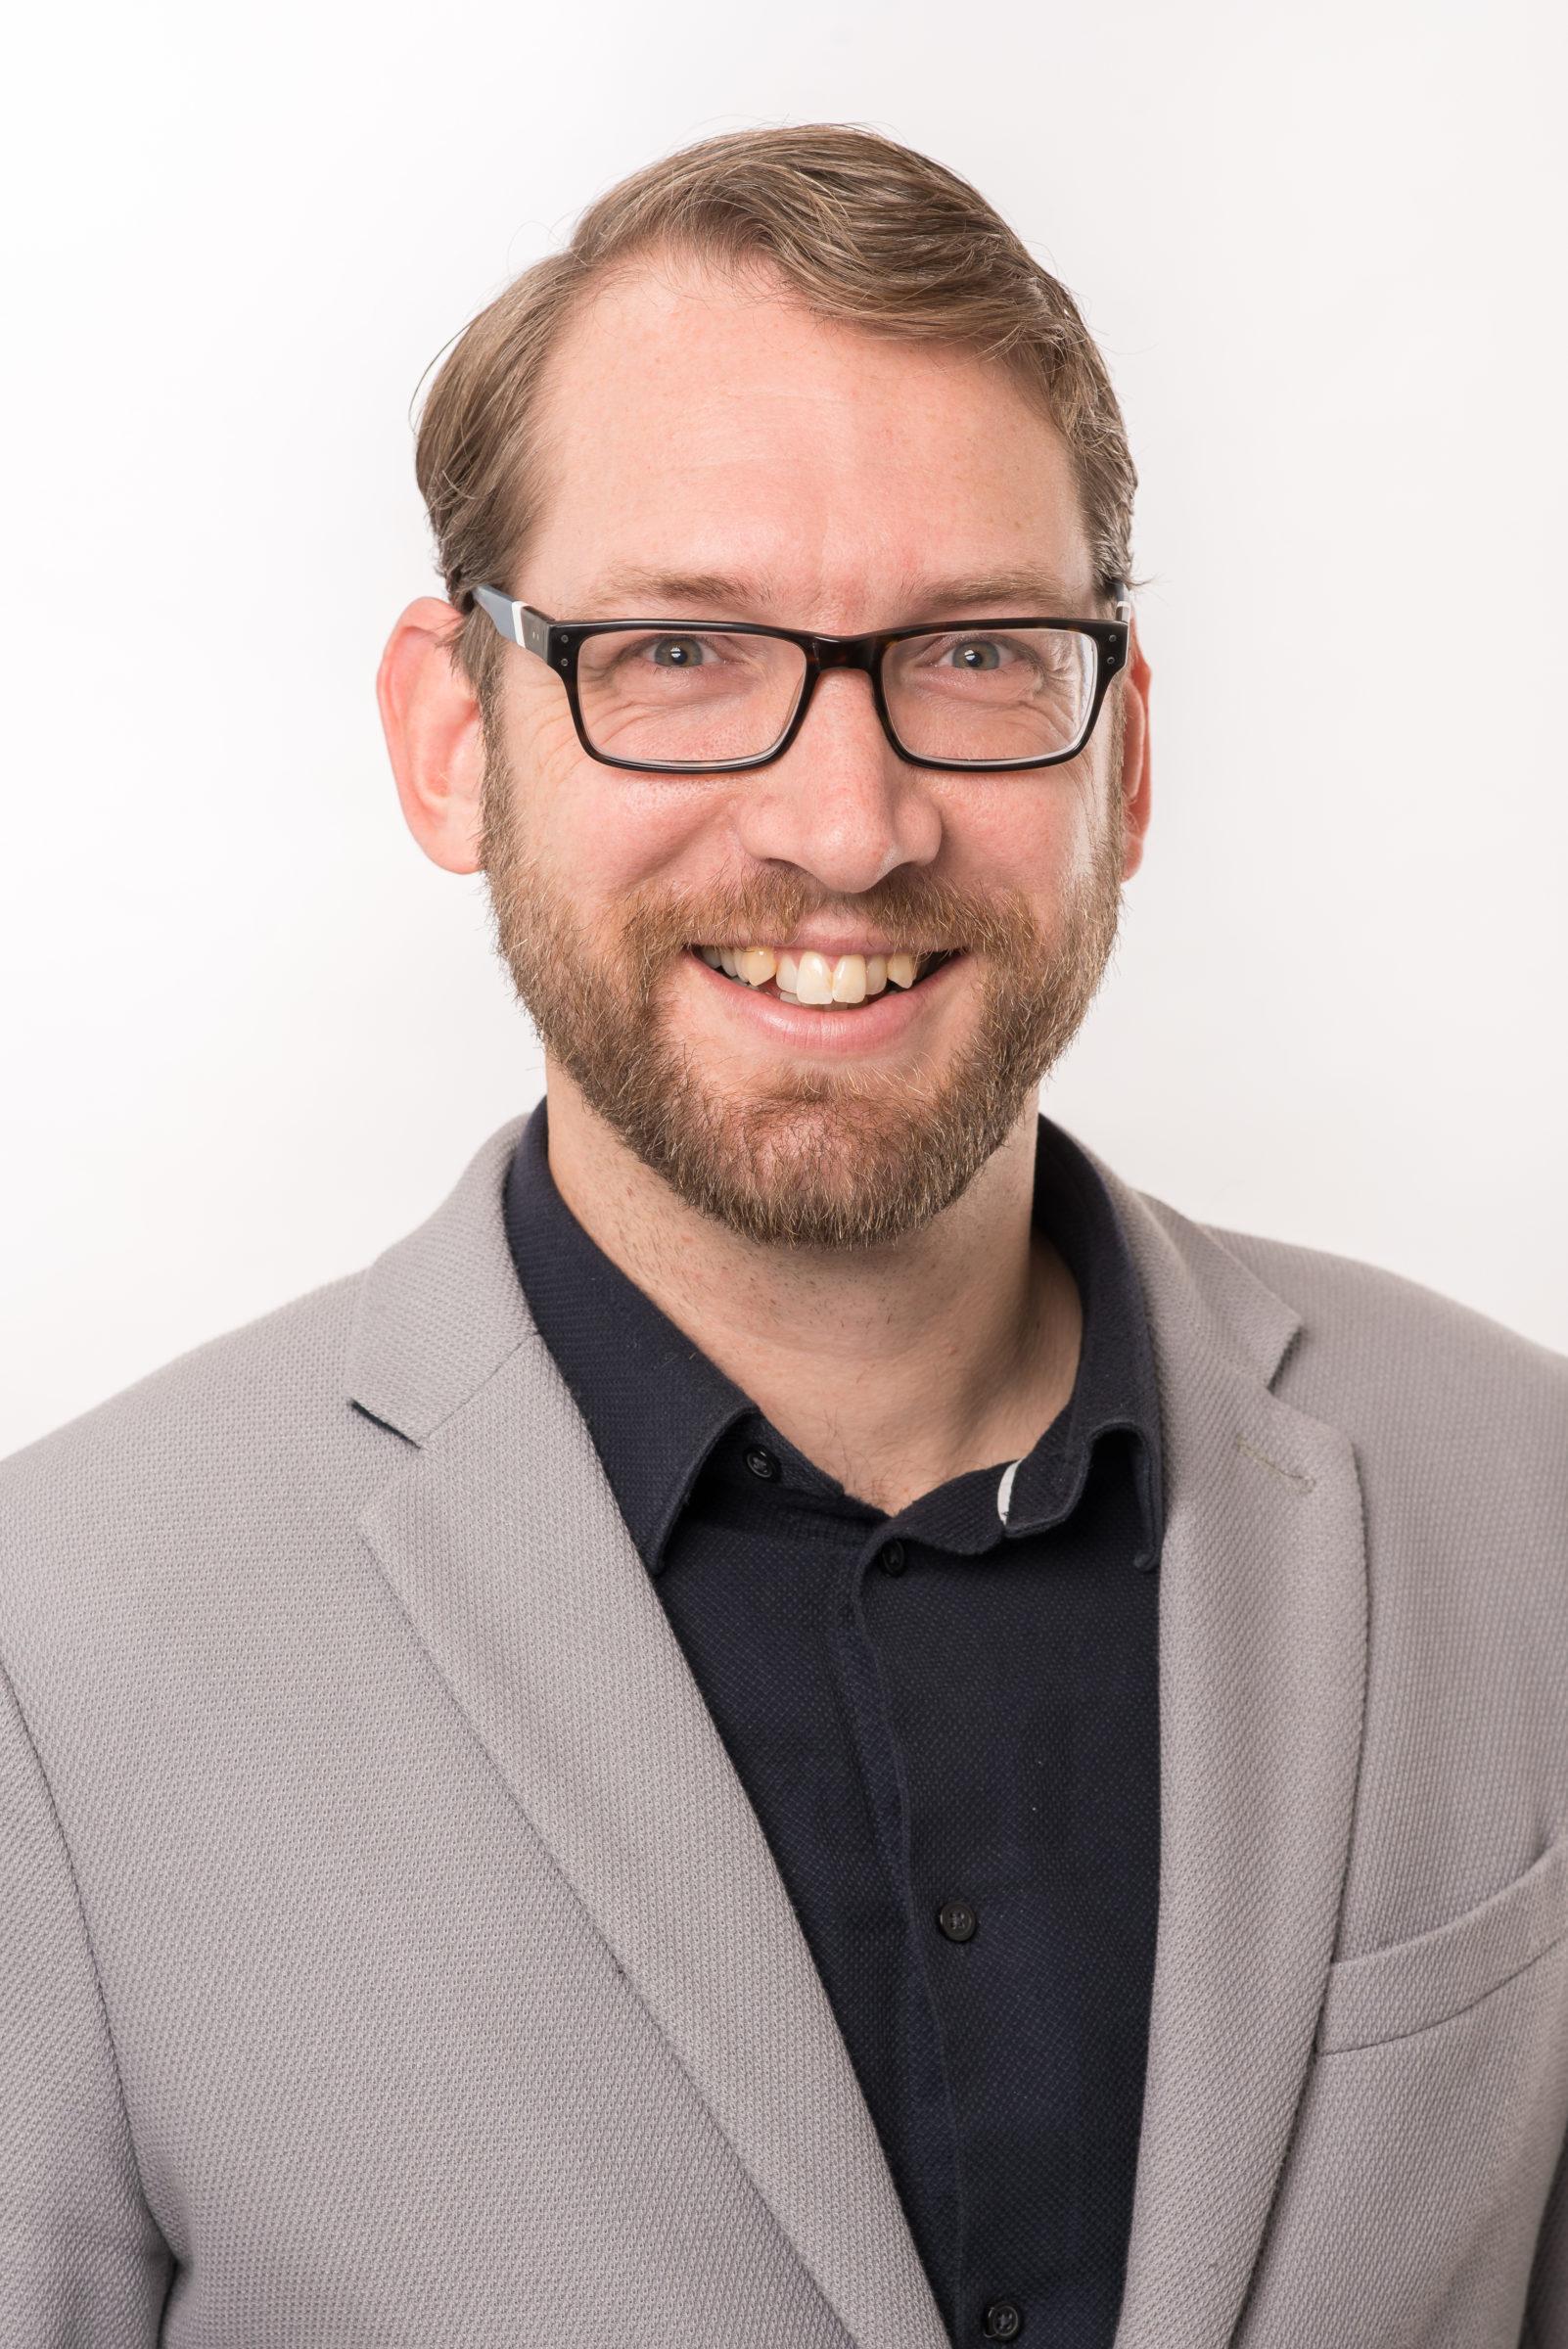 Portretfoto van medewerker Ron Visscher